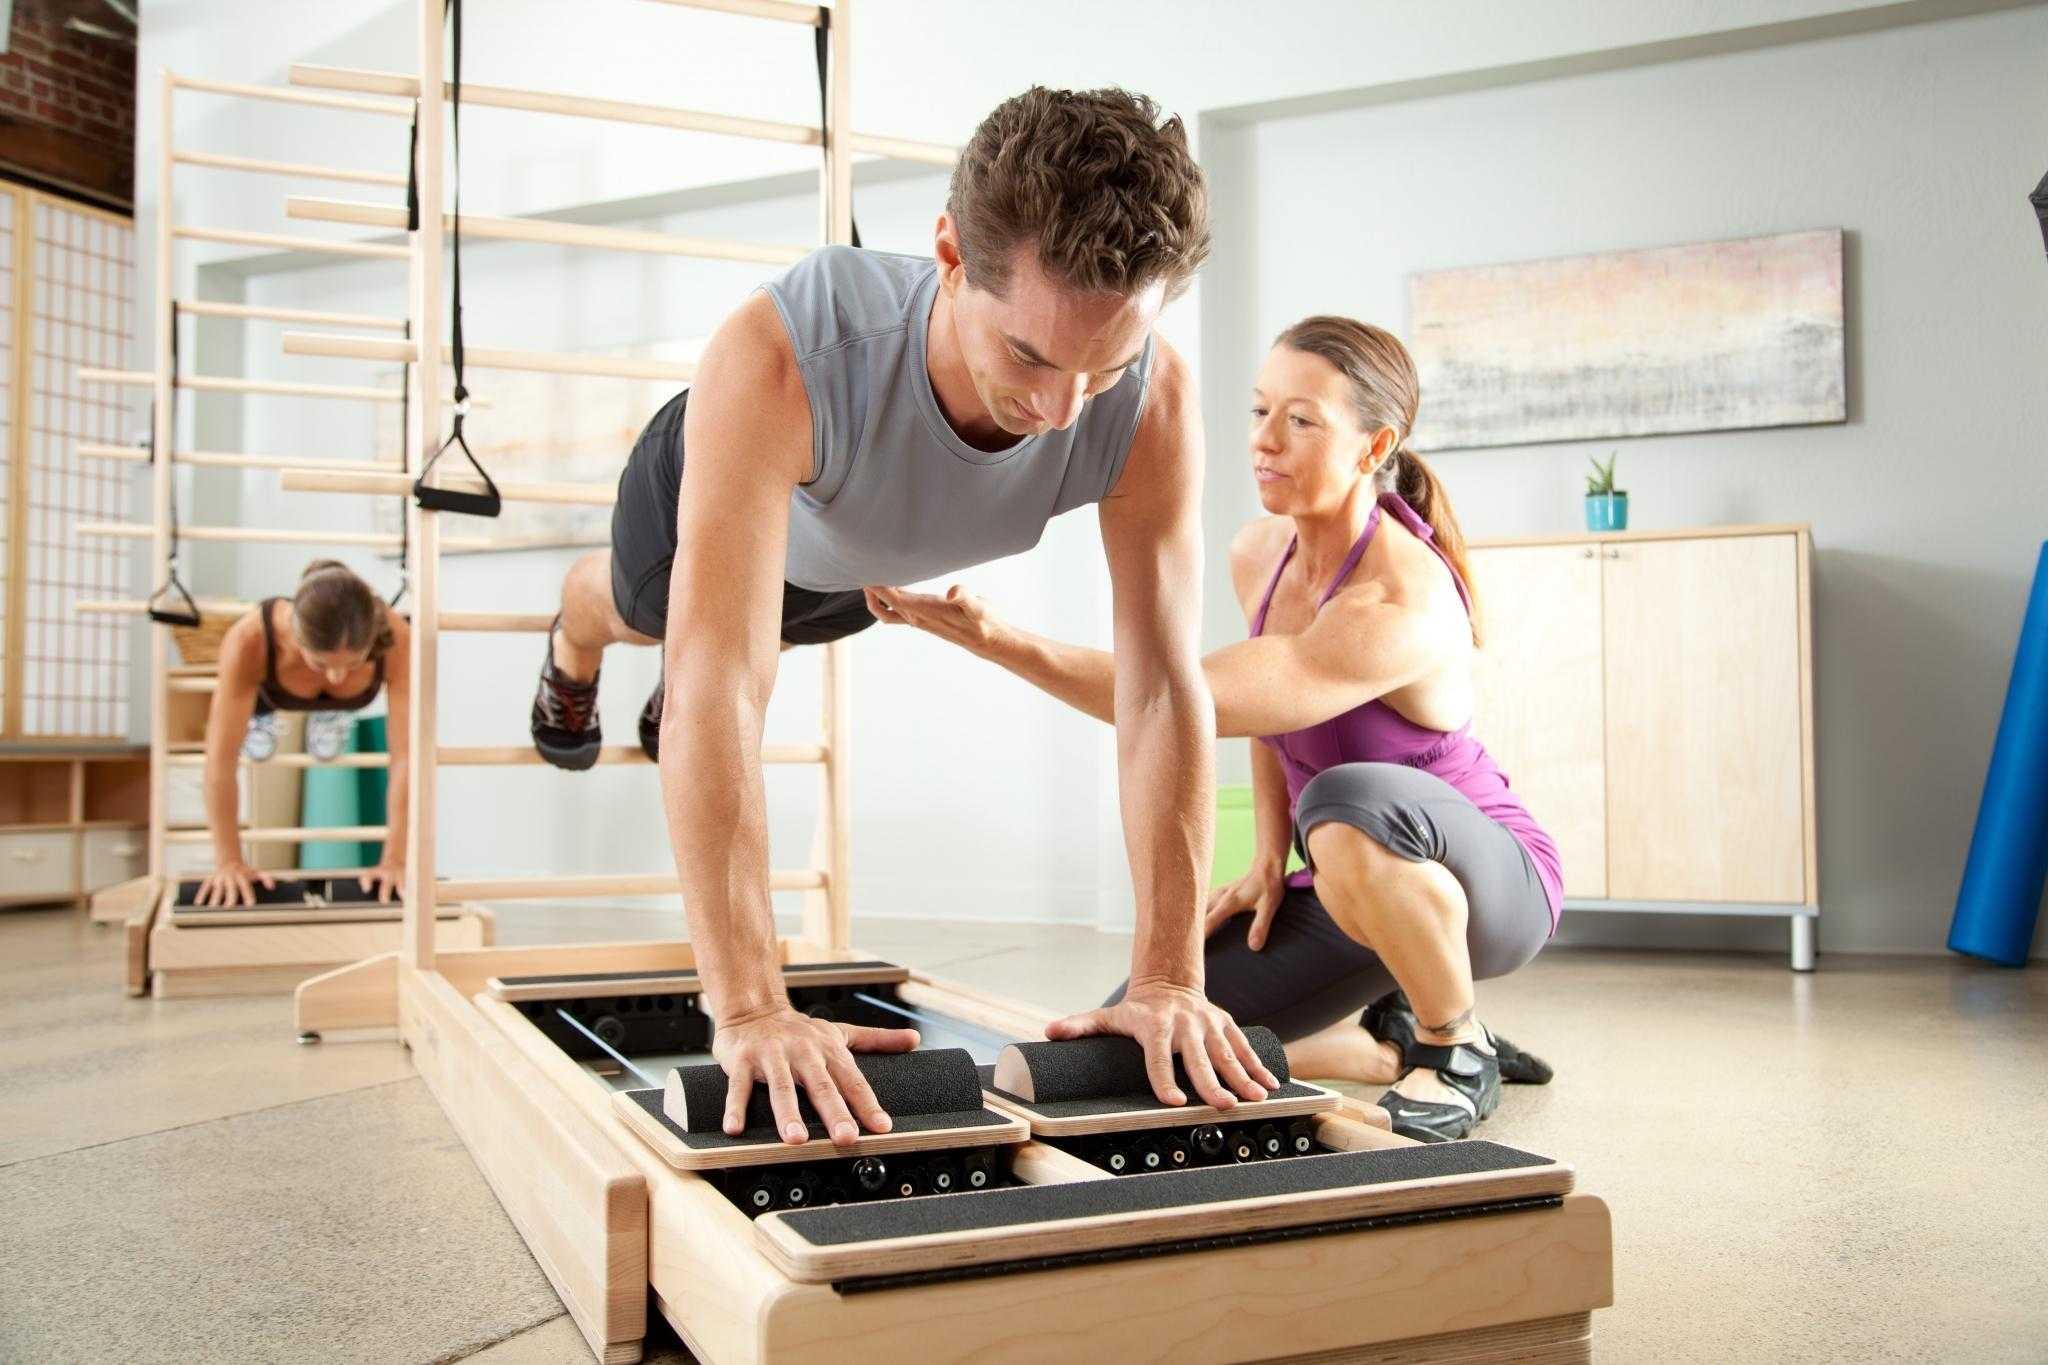 Топ лучших силовых тренировок для девушек в домашних условиях